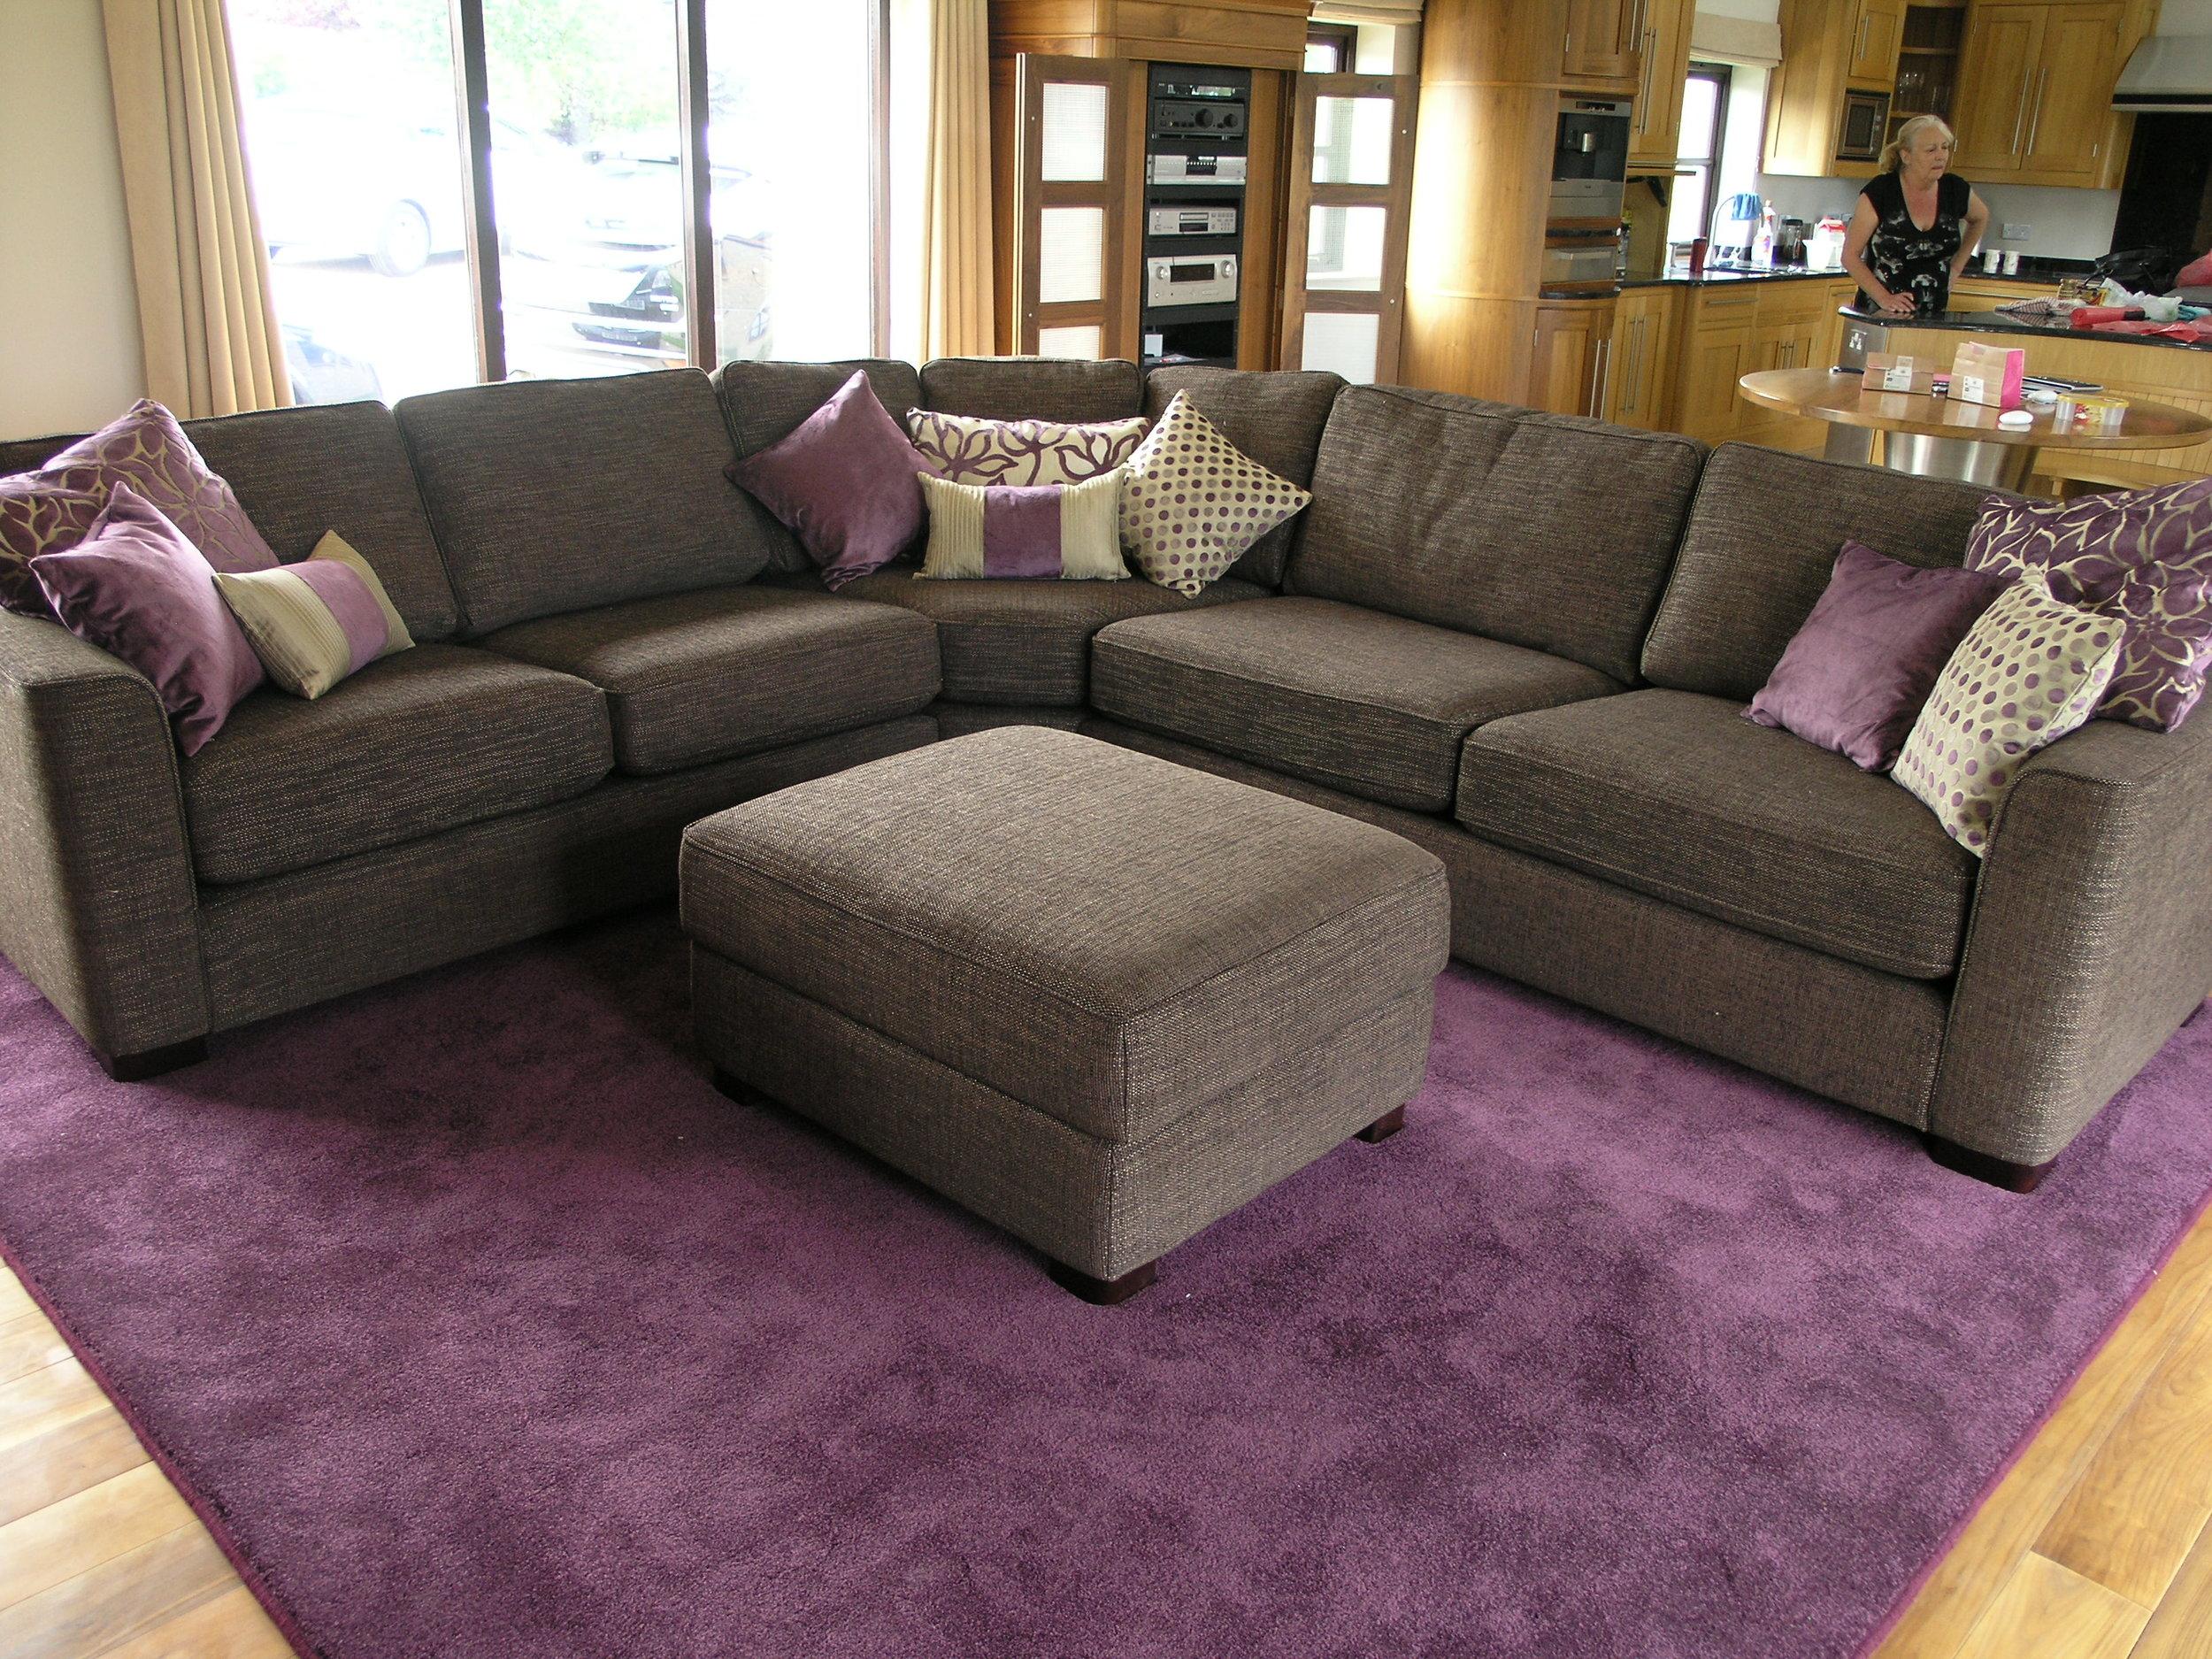 interior design for a living room